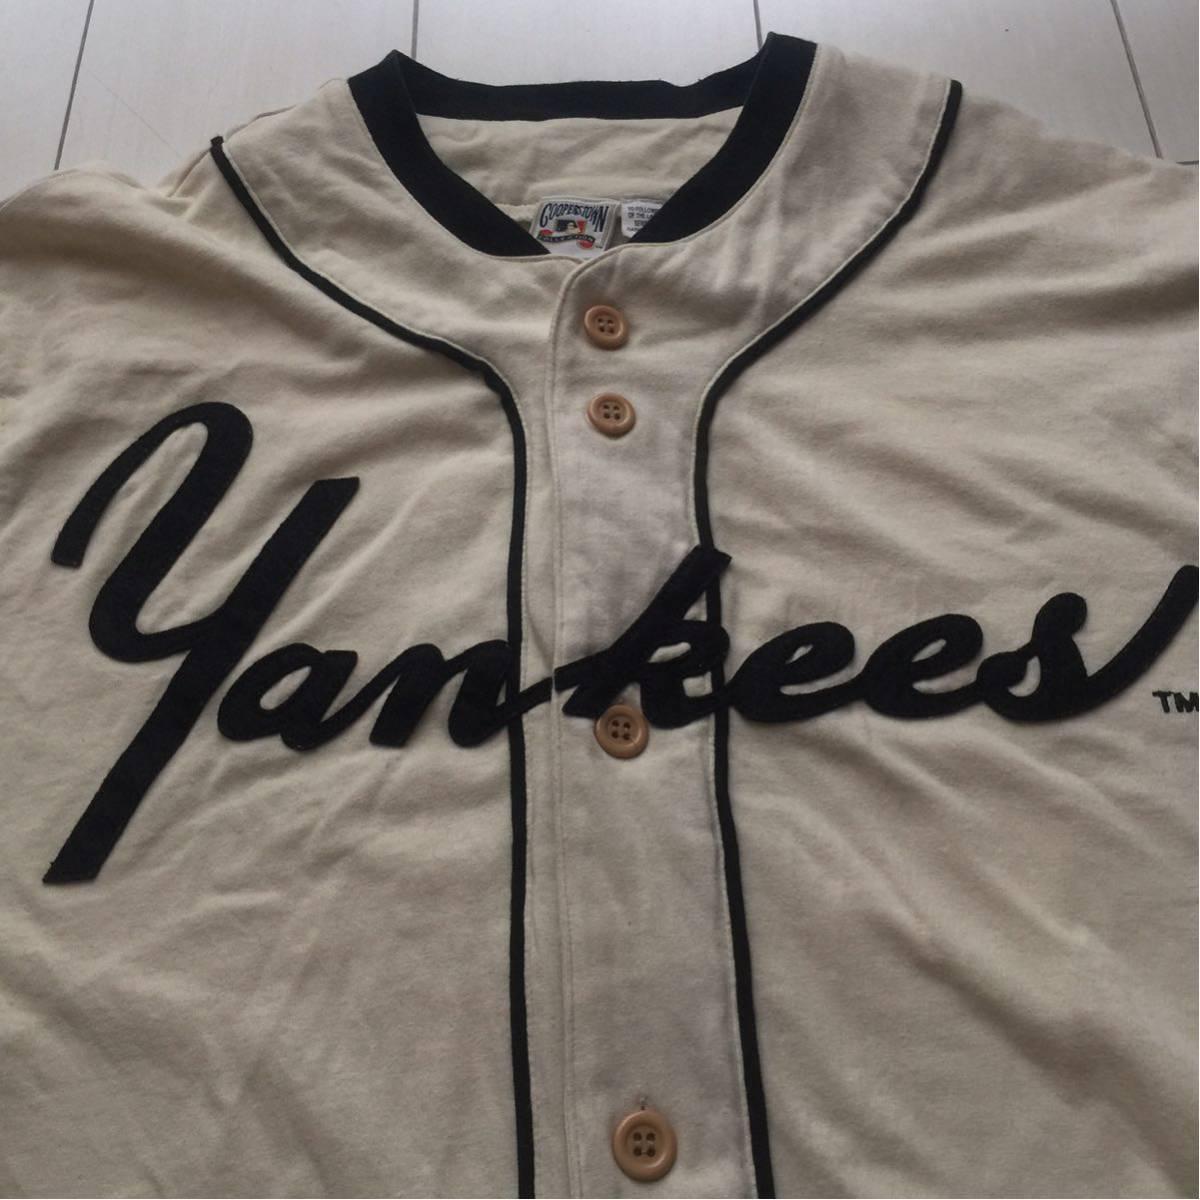 送料無料 coopers town baseball shirt new york yankees クーパーズタウン ヤンキース ベースボールシャツ old オールド 1927 vintage MLB_画像4